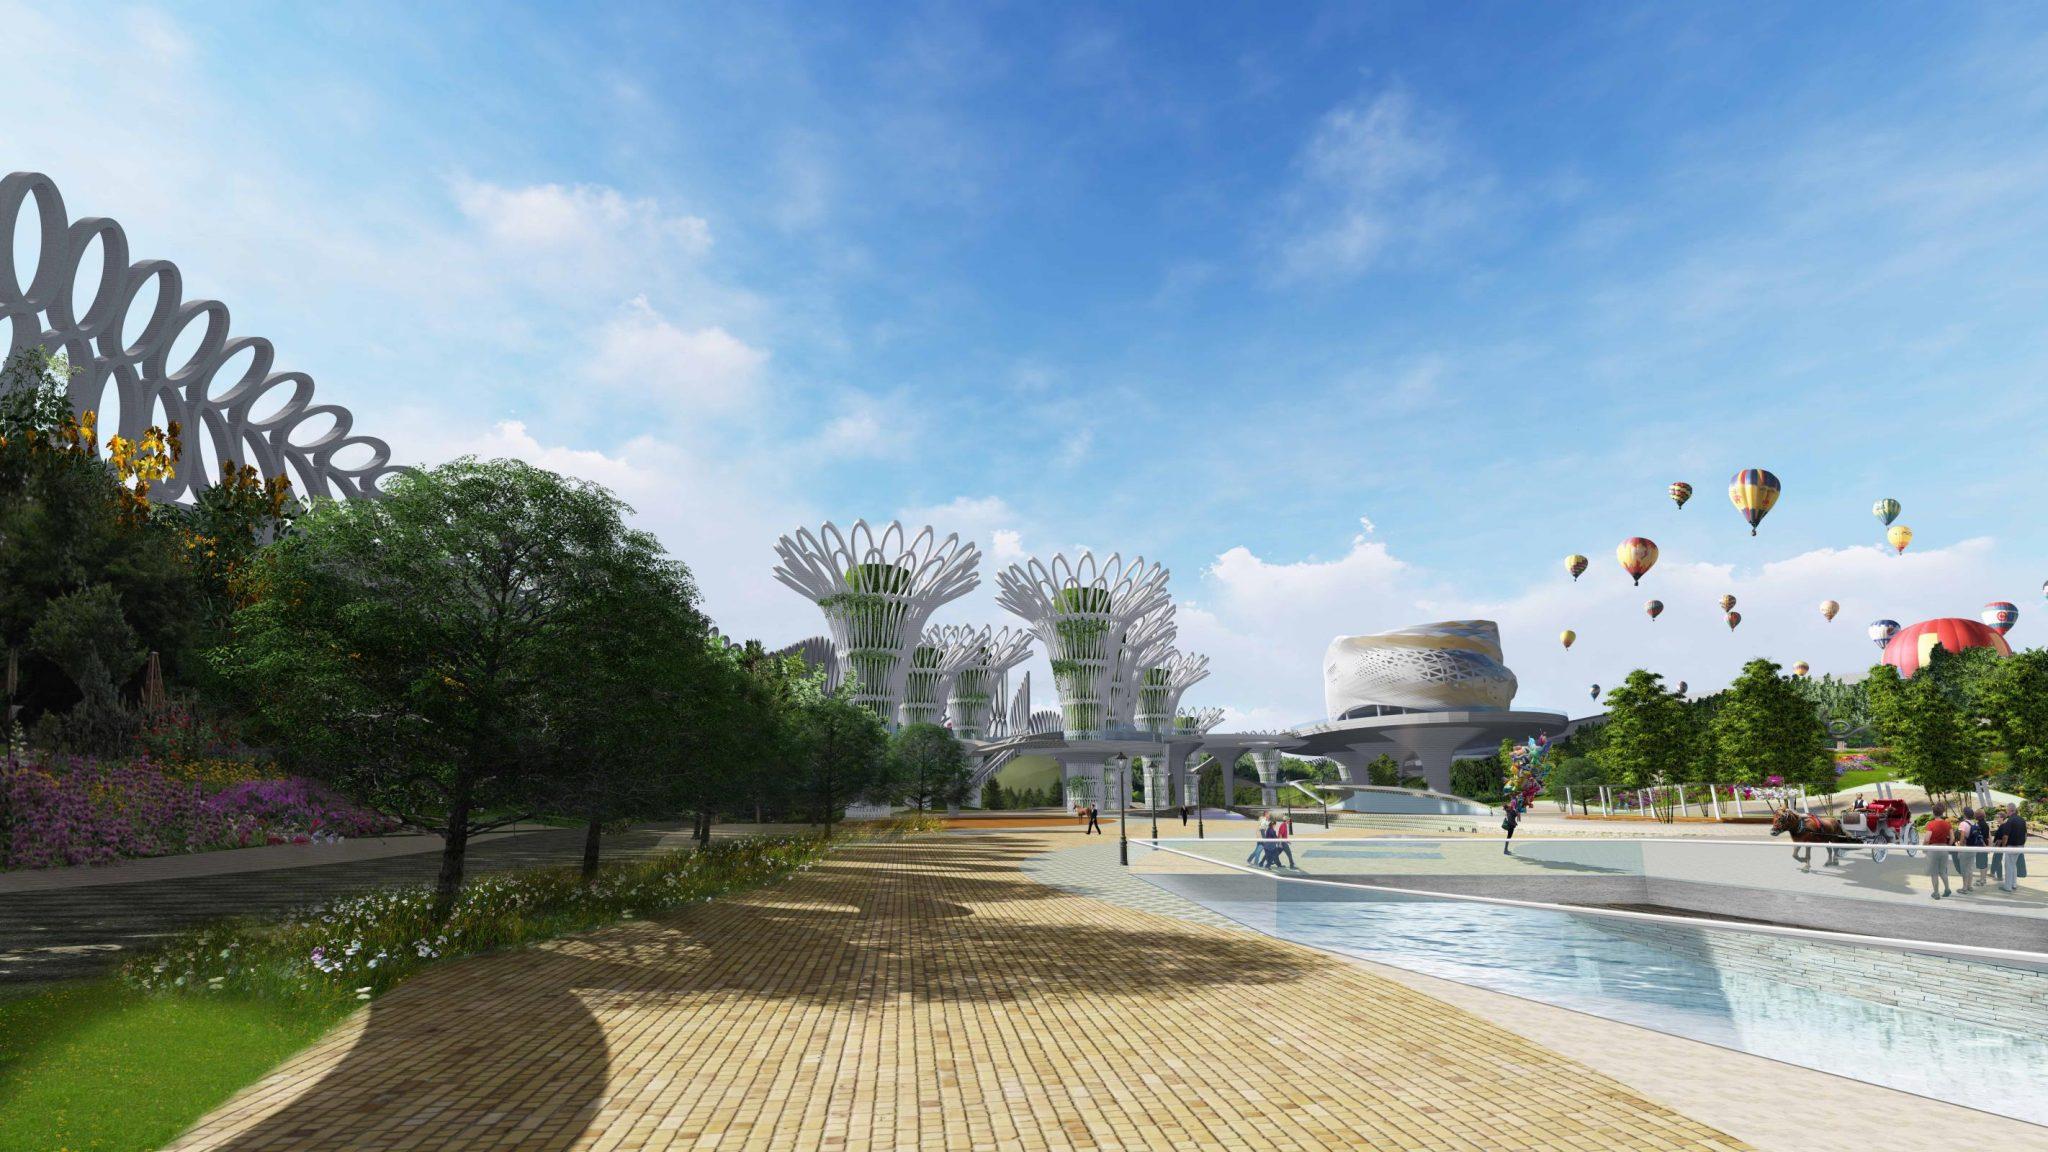 پایان نامه معماری با موضوع مجموعه ورزشی